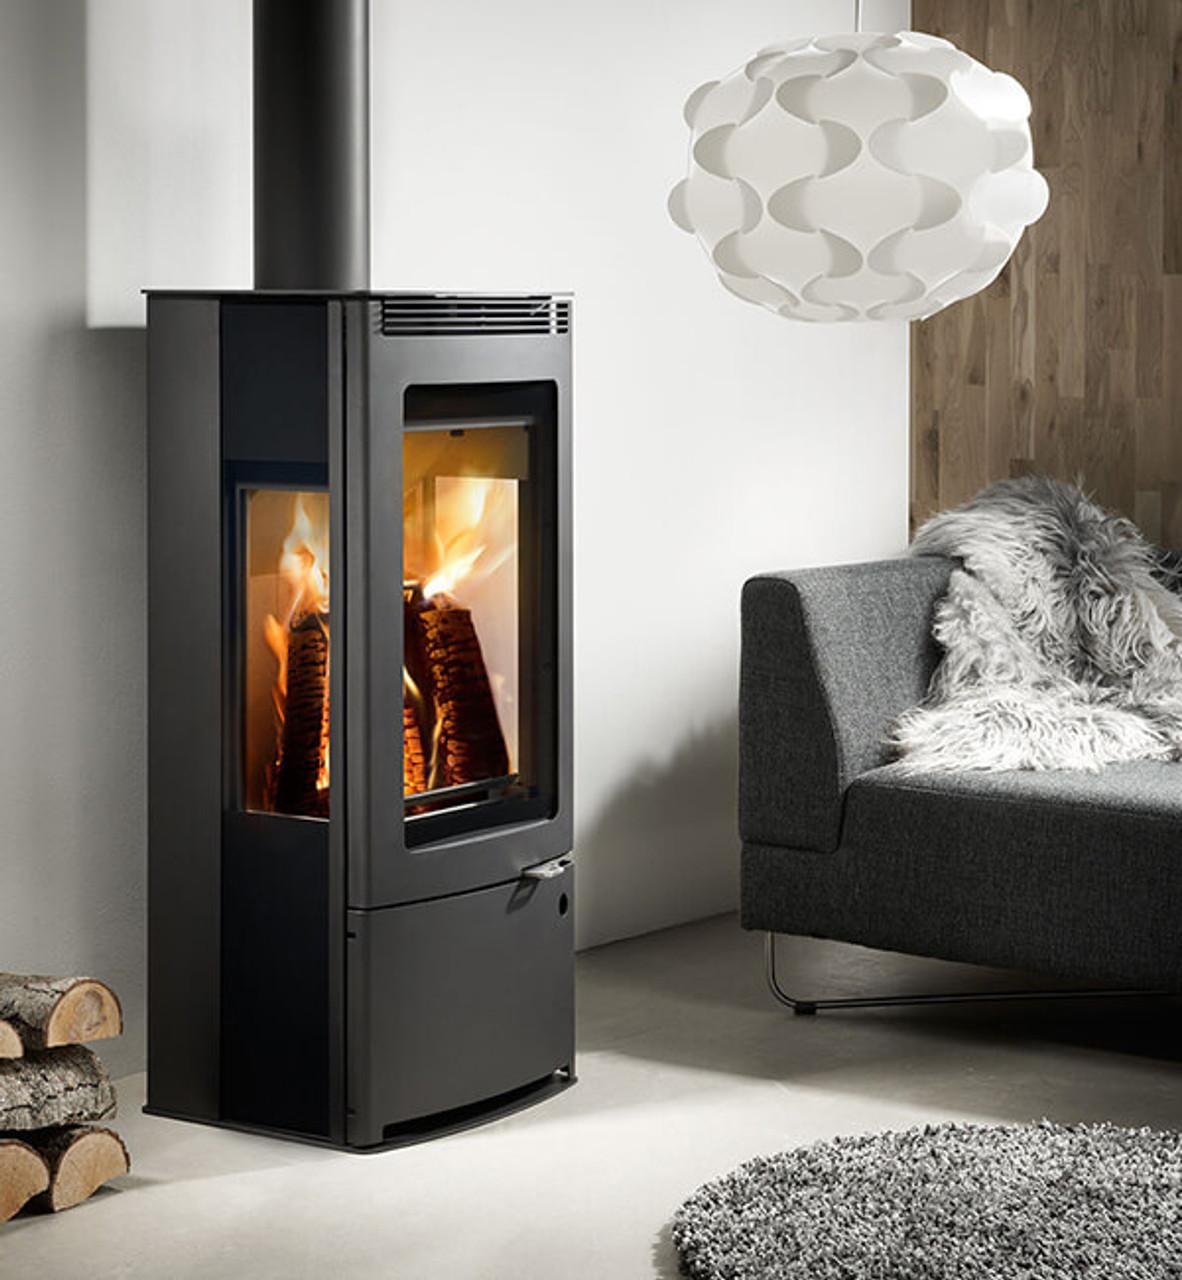 Westfire Uniq.33 Side Glass Stove - FREE DELIVERY